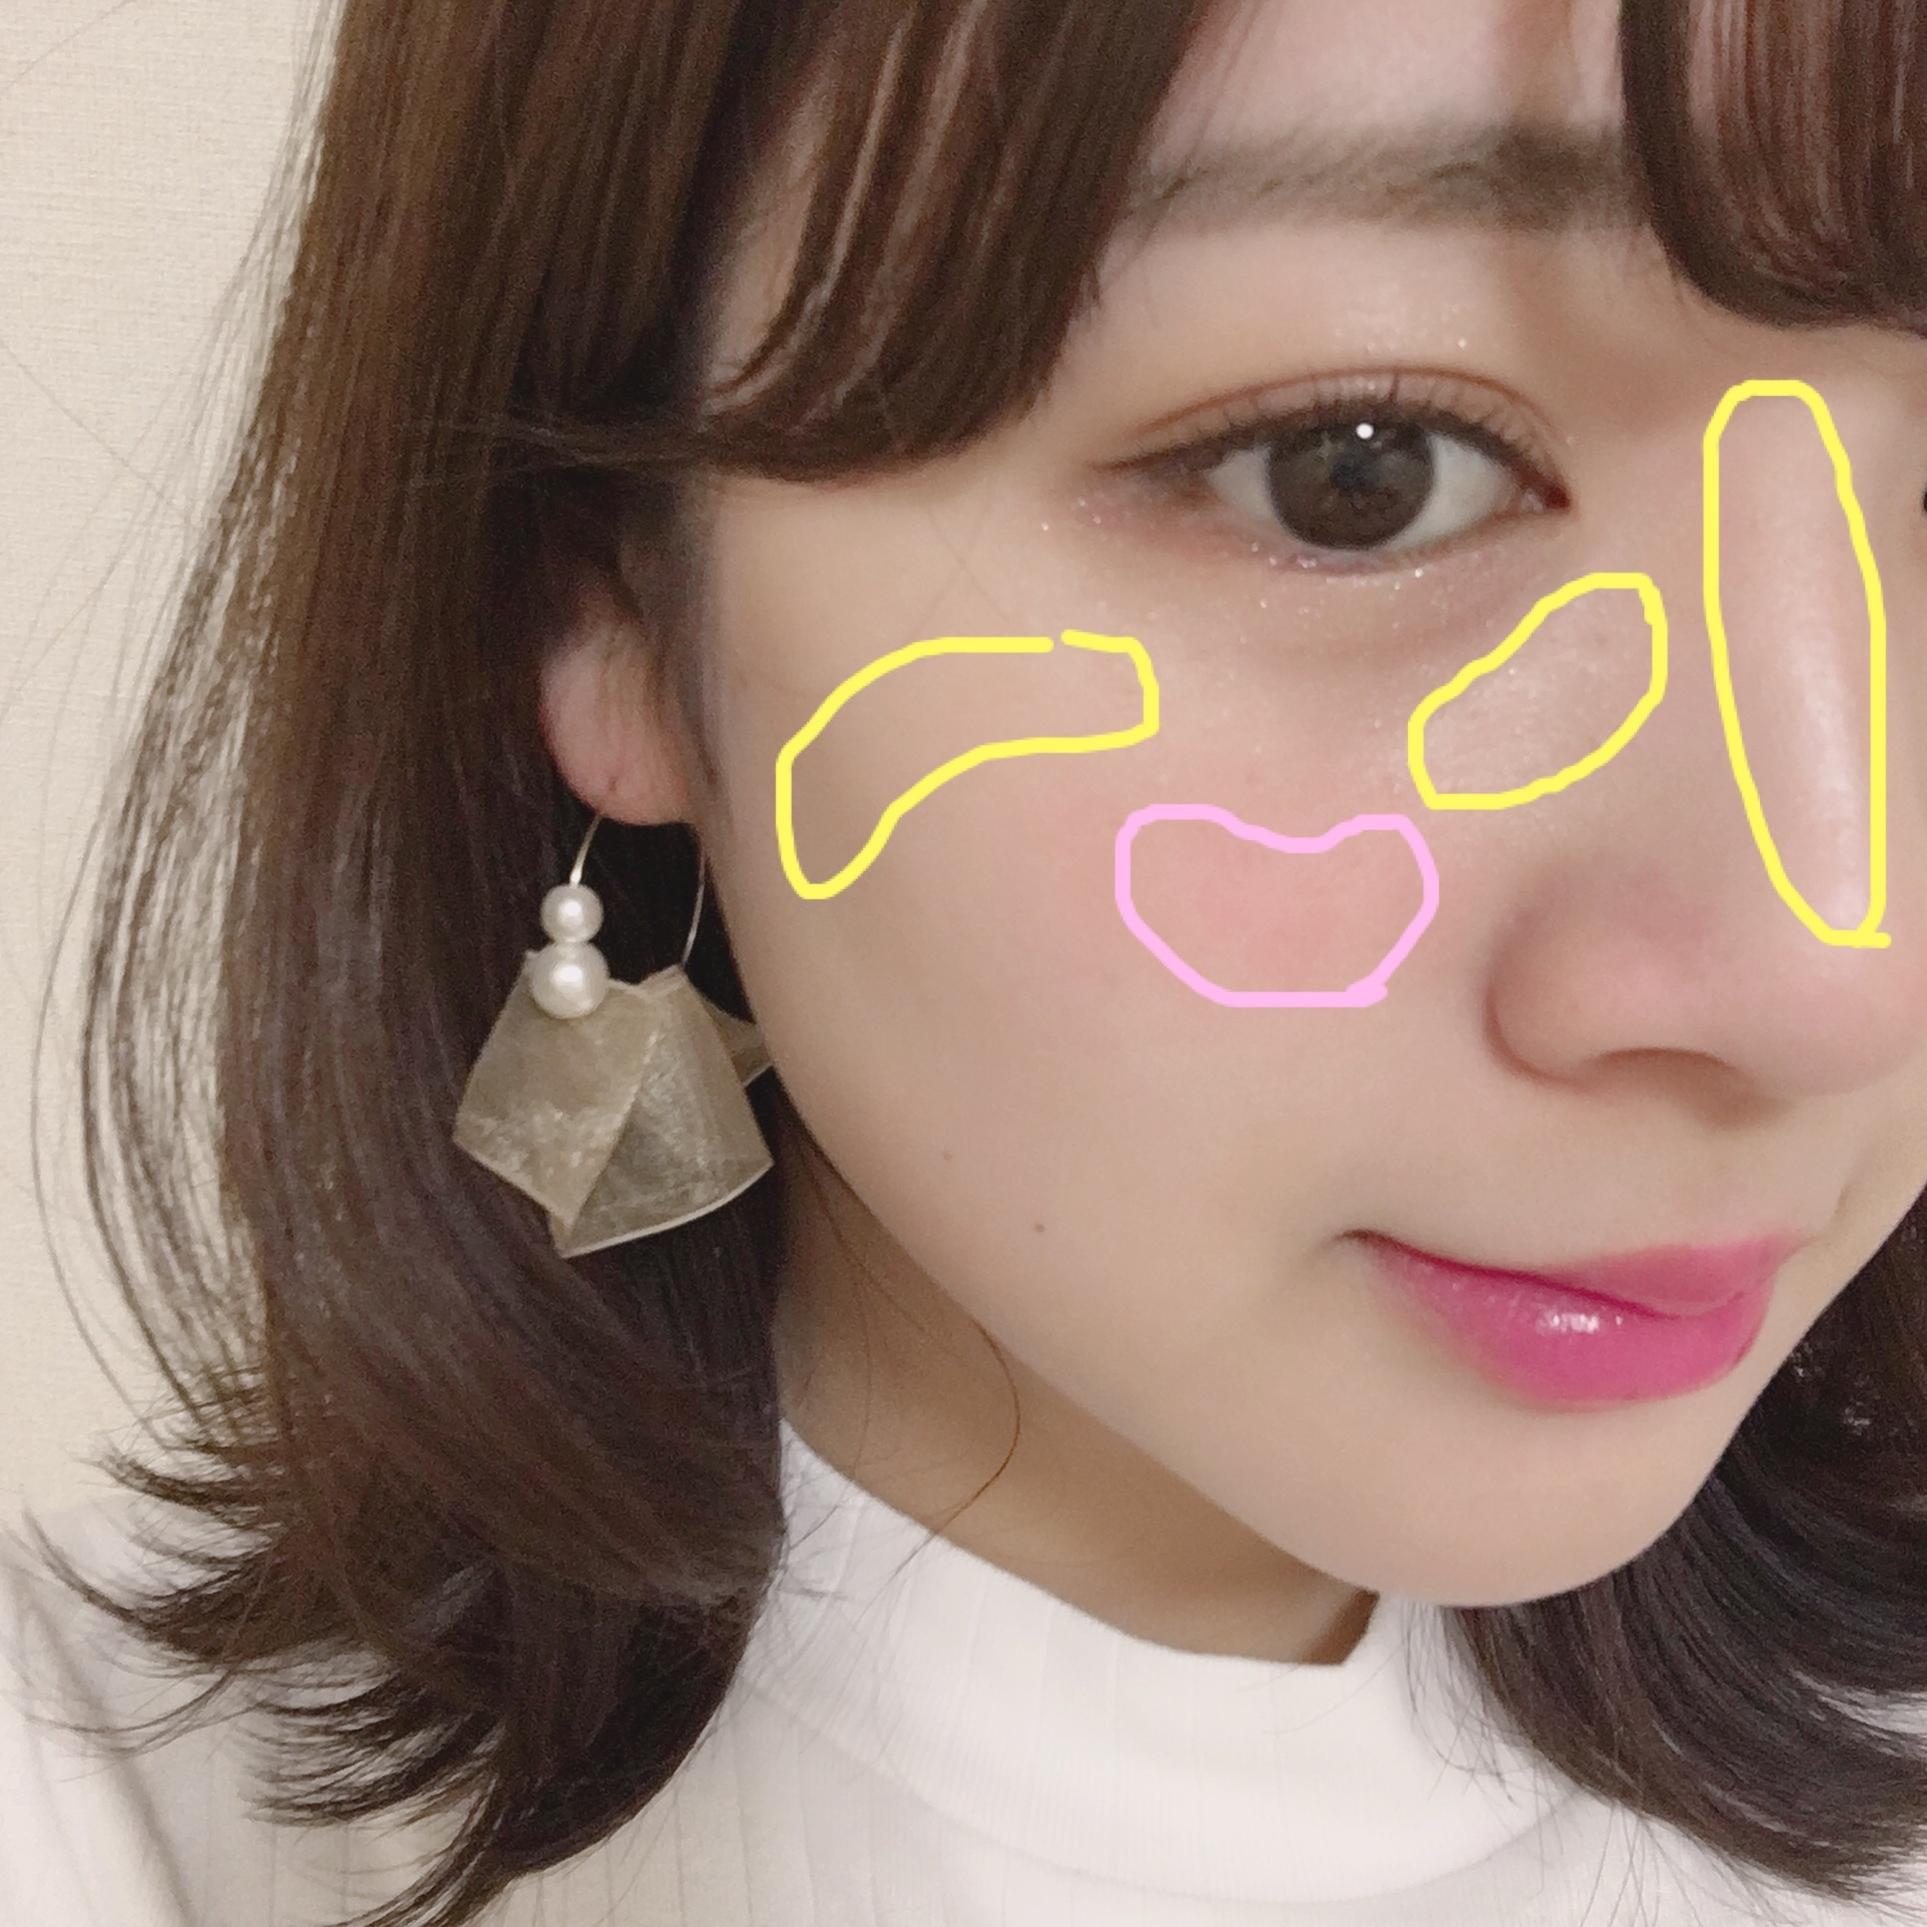 ほてり顔が可愛い♡簡単にツヤ肌を作れるコスメ3選!_1_4